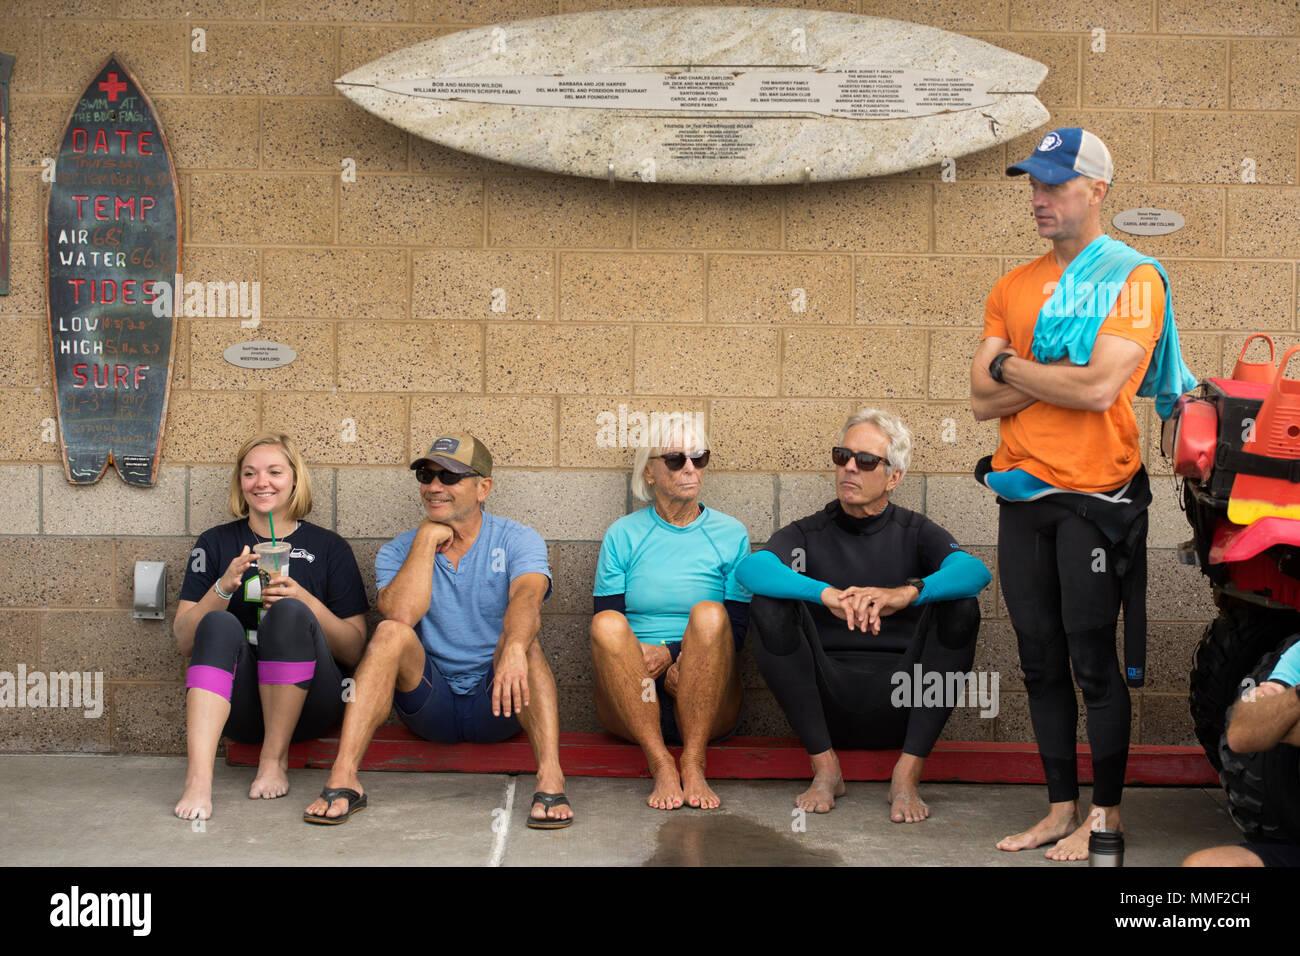 Freiwillige Teilnahme an einem Briefing für das Naval Medical Center San Diego surf Therapiesitzung in Del Mar, Kalifornien, Sept. 14, 2017. Surf Therapie ist medizinisch ausgestattet und stellt Behandlung für eine Vielzahl von Krankheiten einschließlich der posttraumatischen Belastungsstörung und chronische Schmerzen. (DoD Foto von EJ Hersom) Stockbild